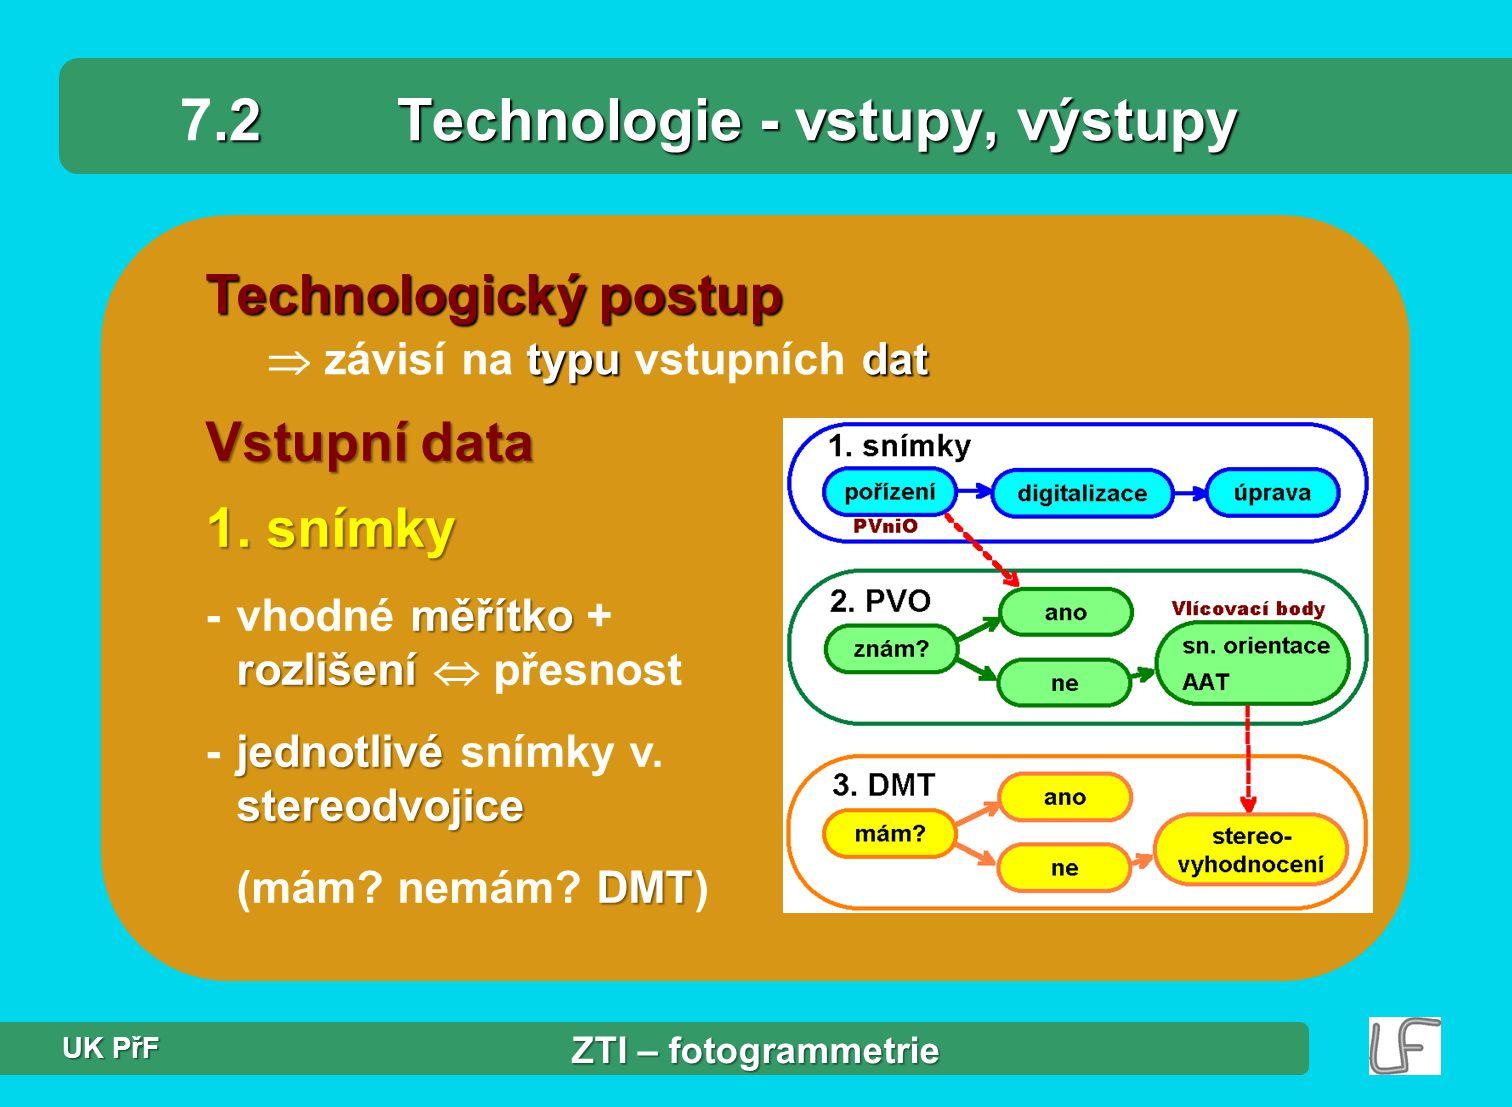 7.2 Technologie - vstupy, výstupy